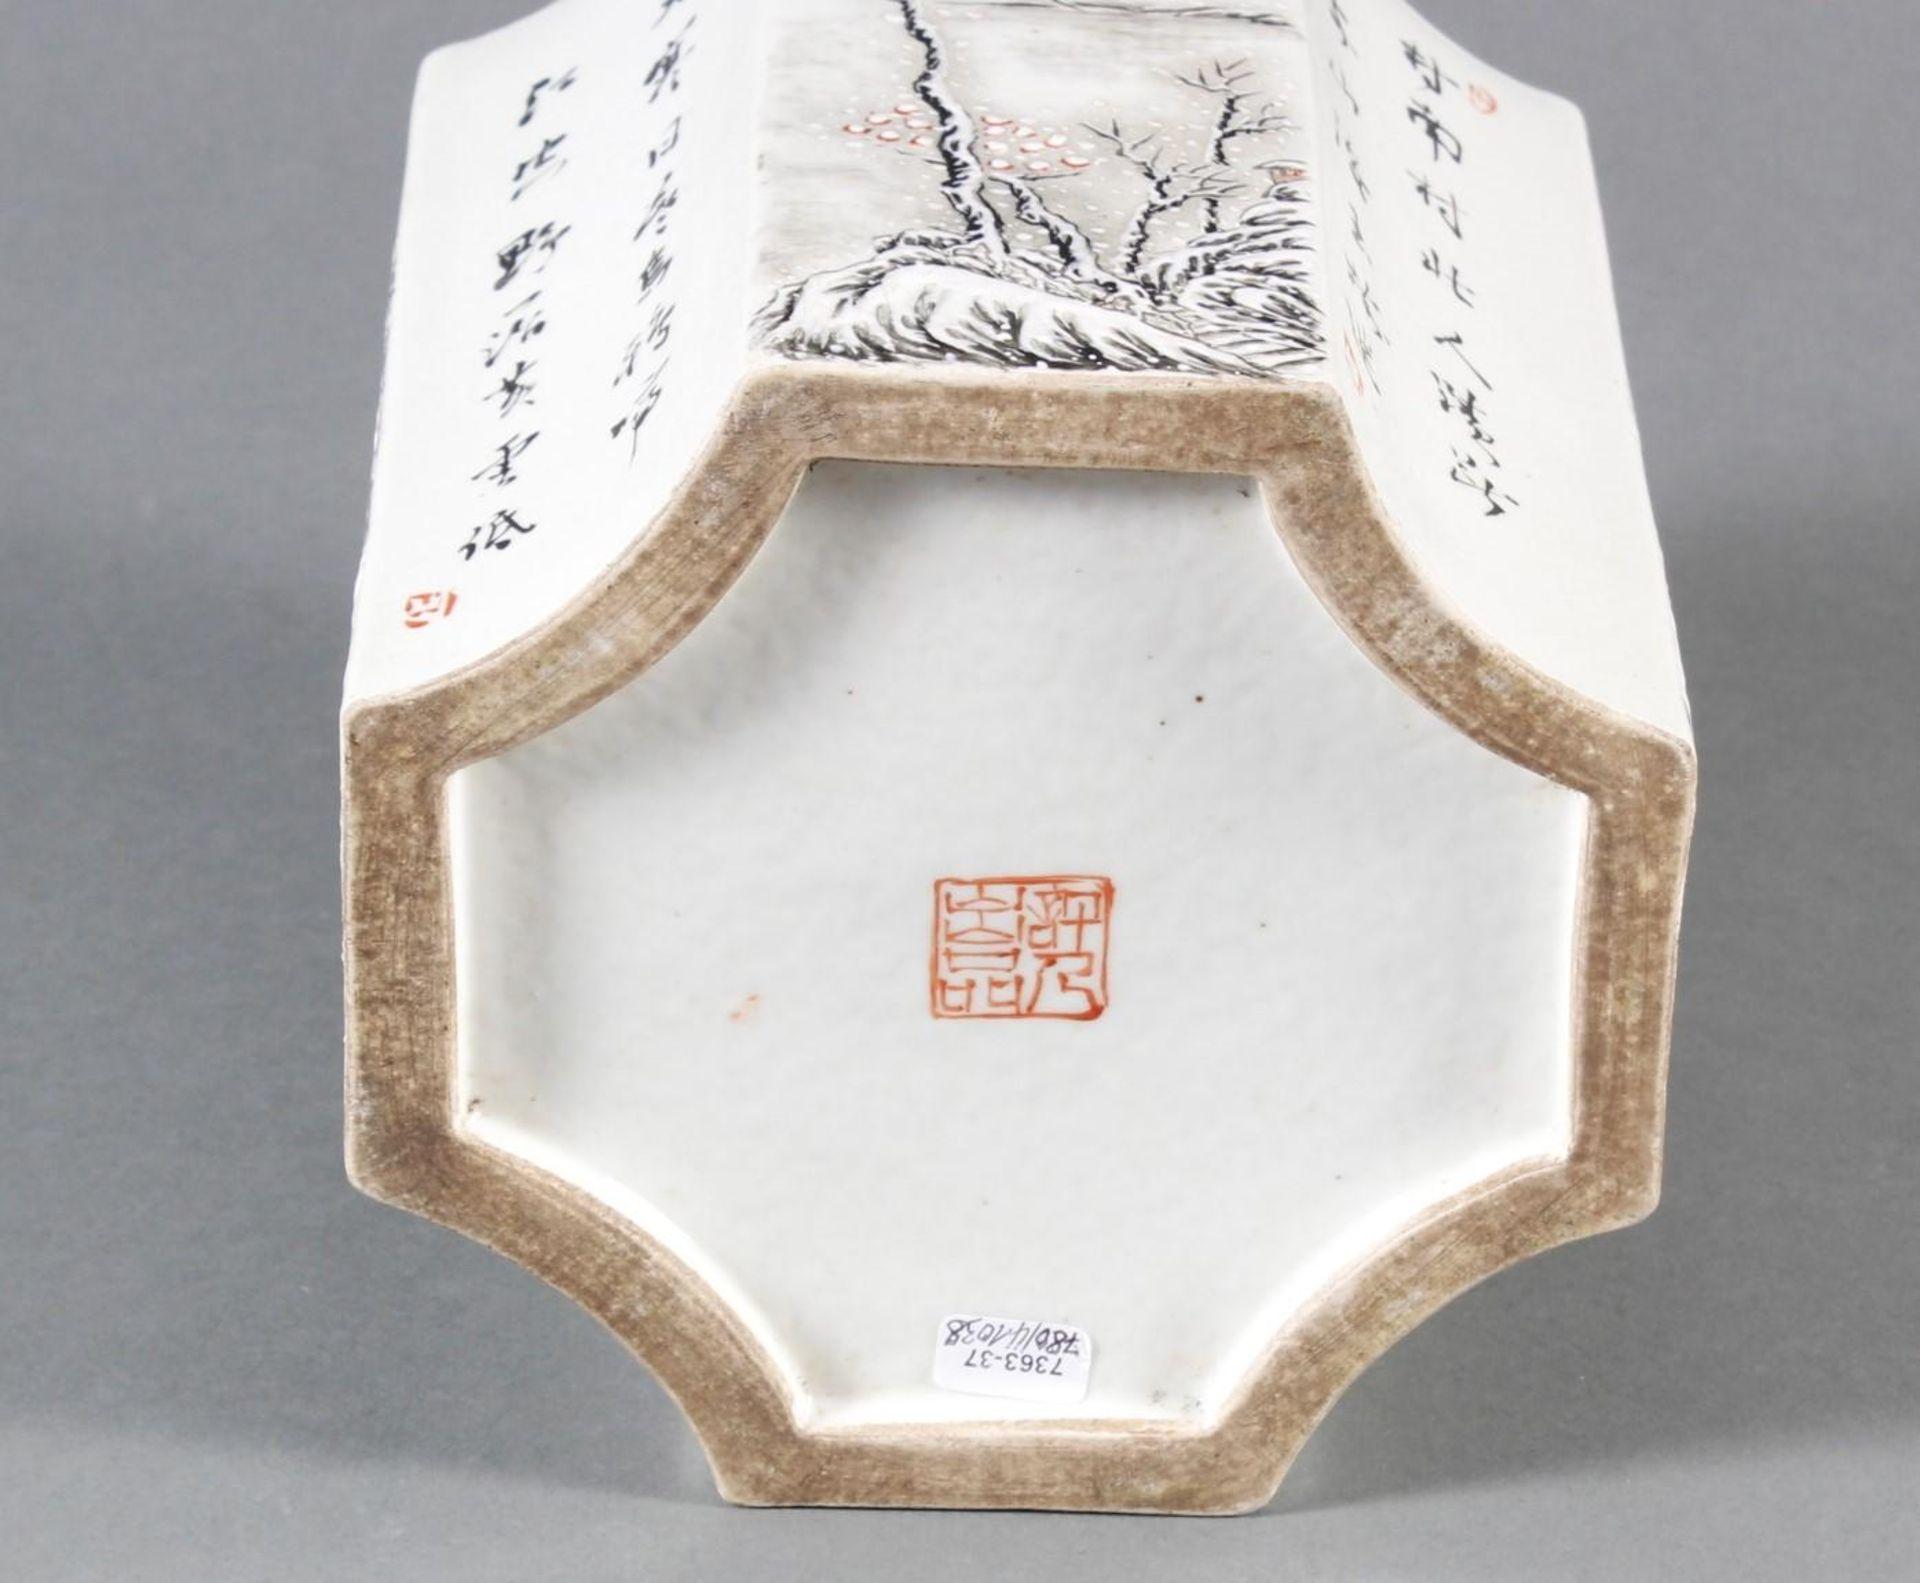 Porzellan-Pinselbehälter, China, Mitte 20. Jahrhundert - Bild 15 aus 15